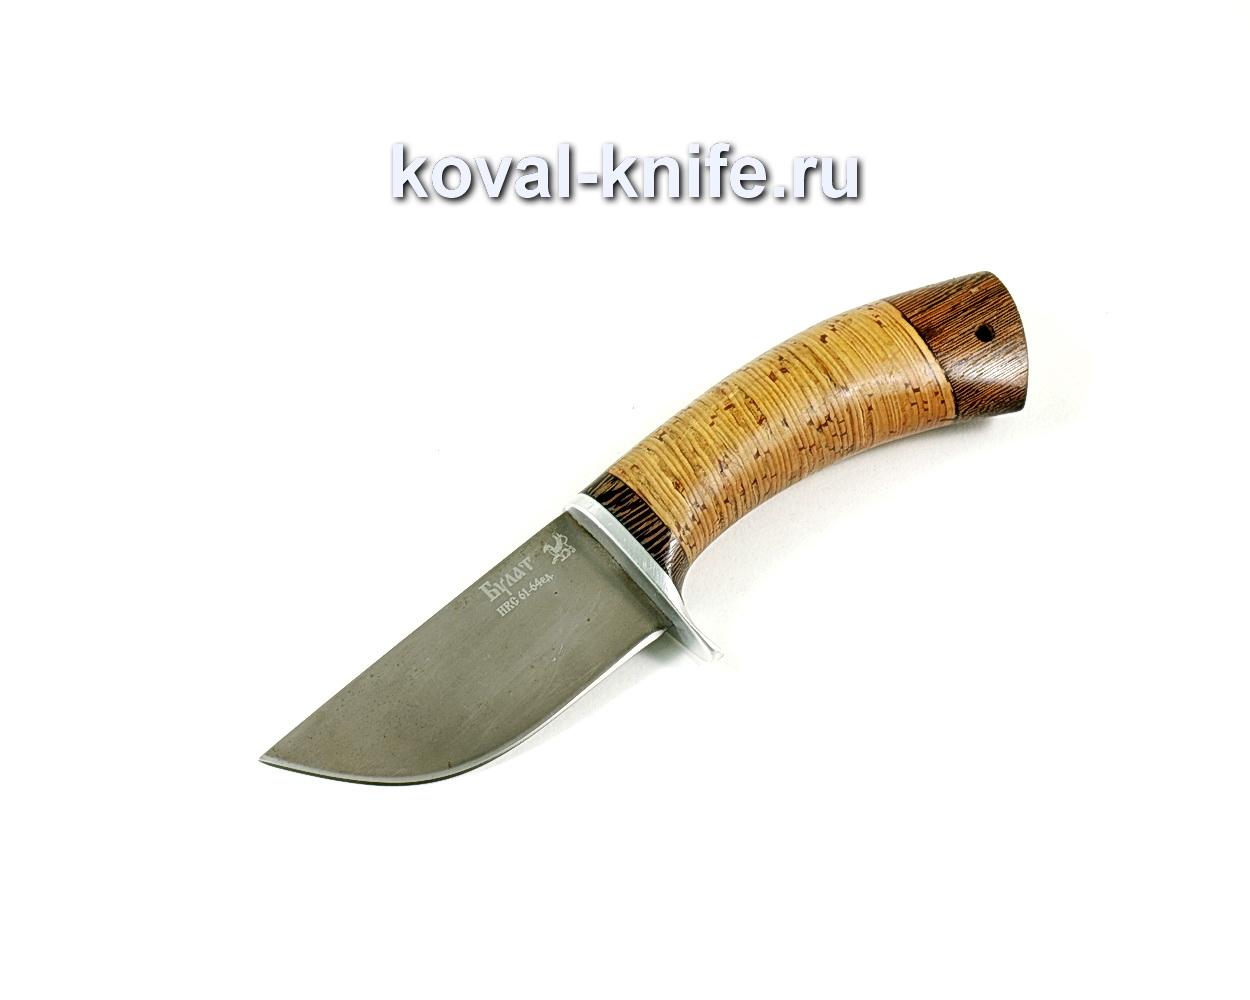 Нож Скин (сталь Булат), рукоять береста A215